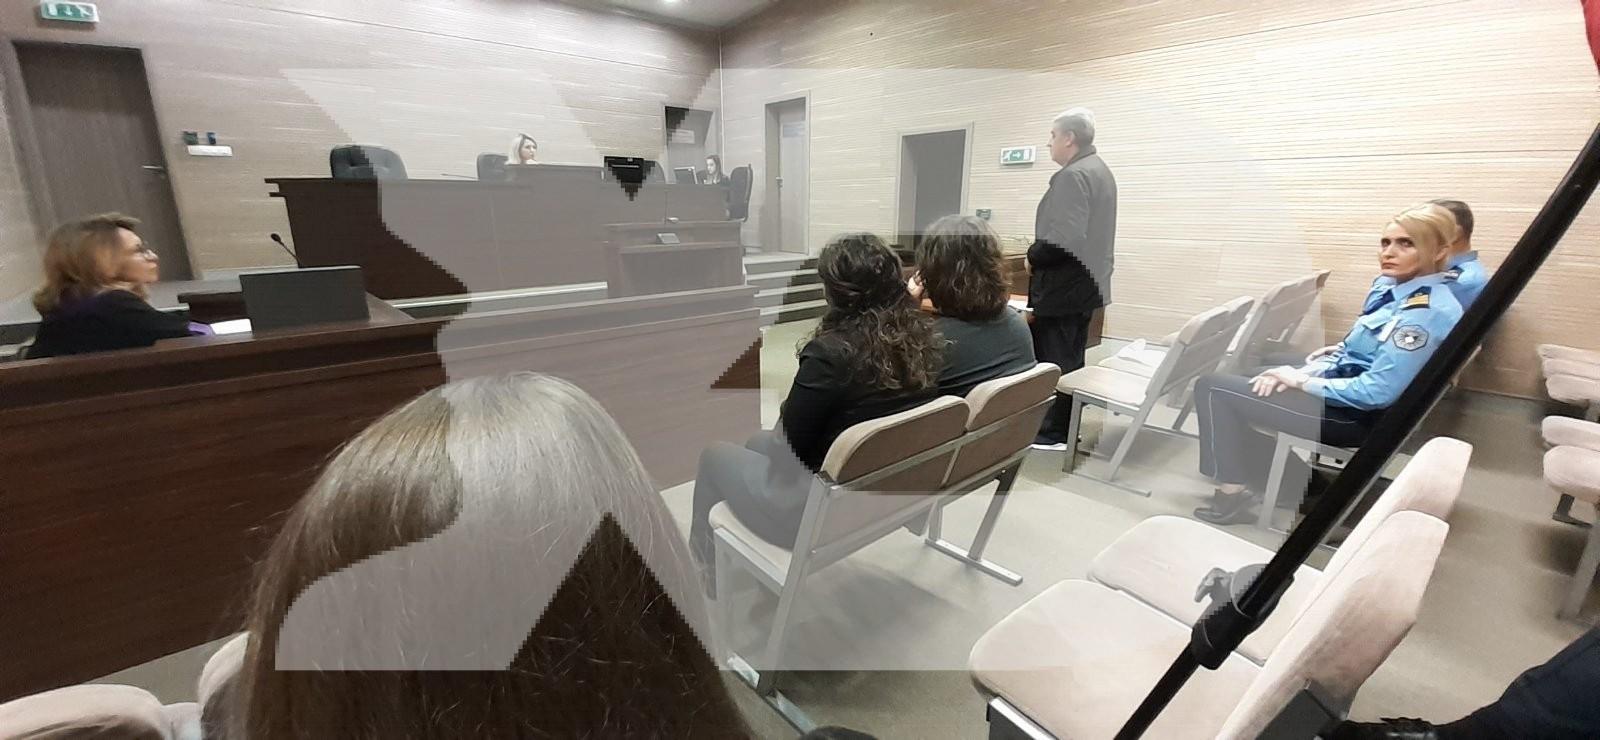 Ish prokurori Agron Matjani në bankën e të akuzuarit  deklarohet për fajësinë